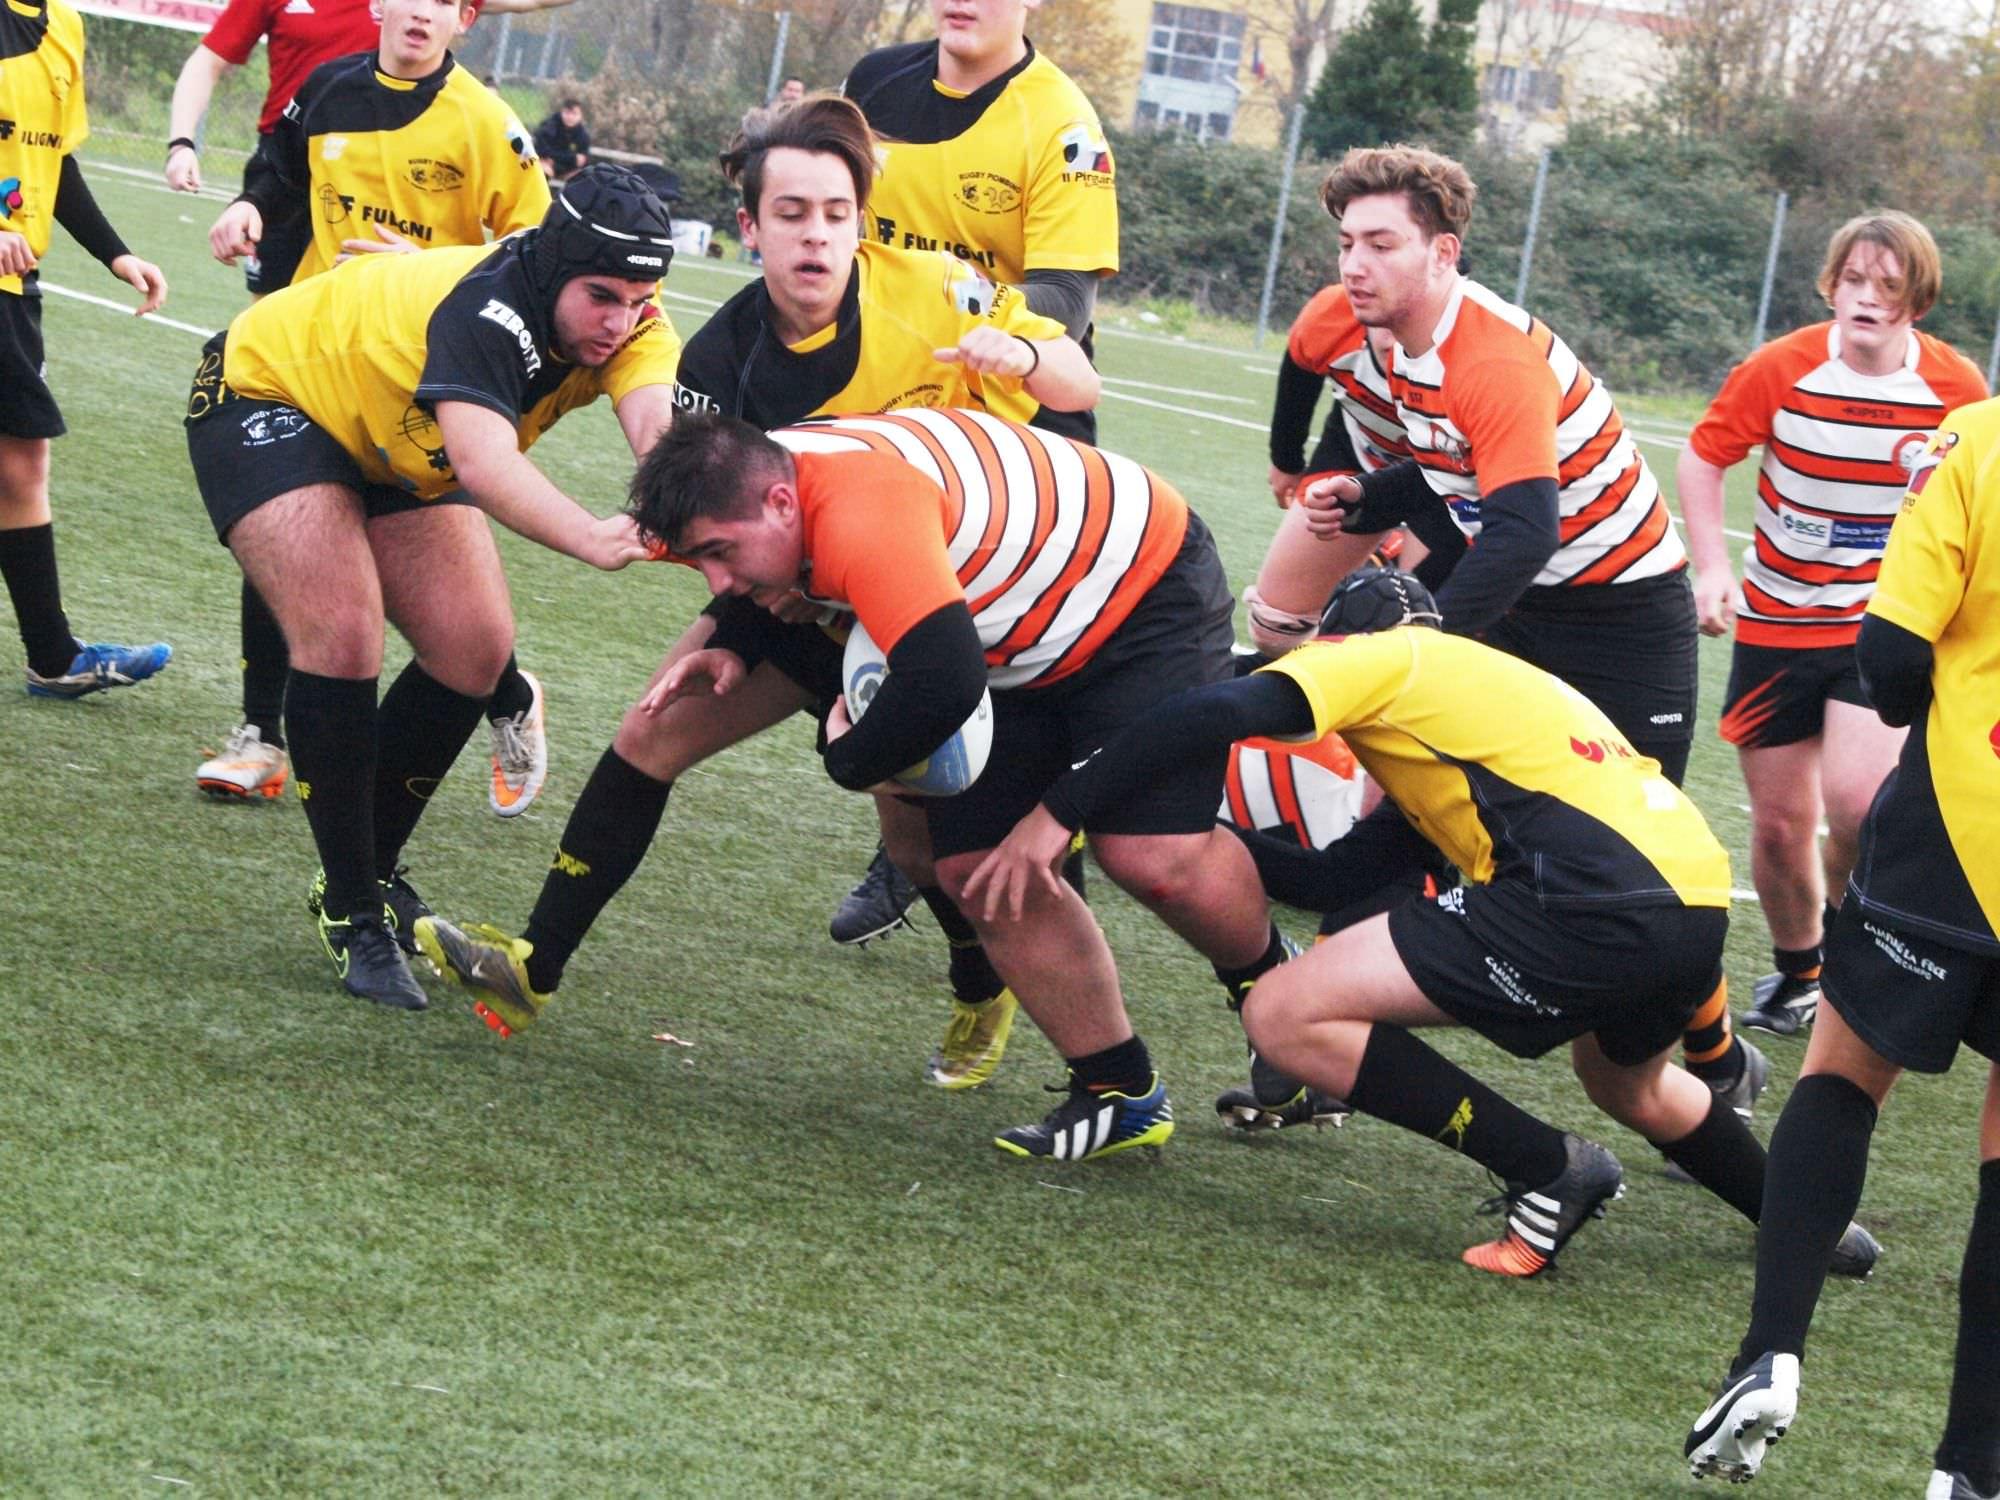 Successo netto per l'Under 16 del Rugby Union Versilia